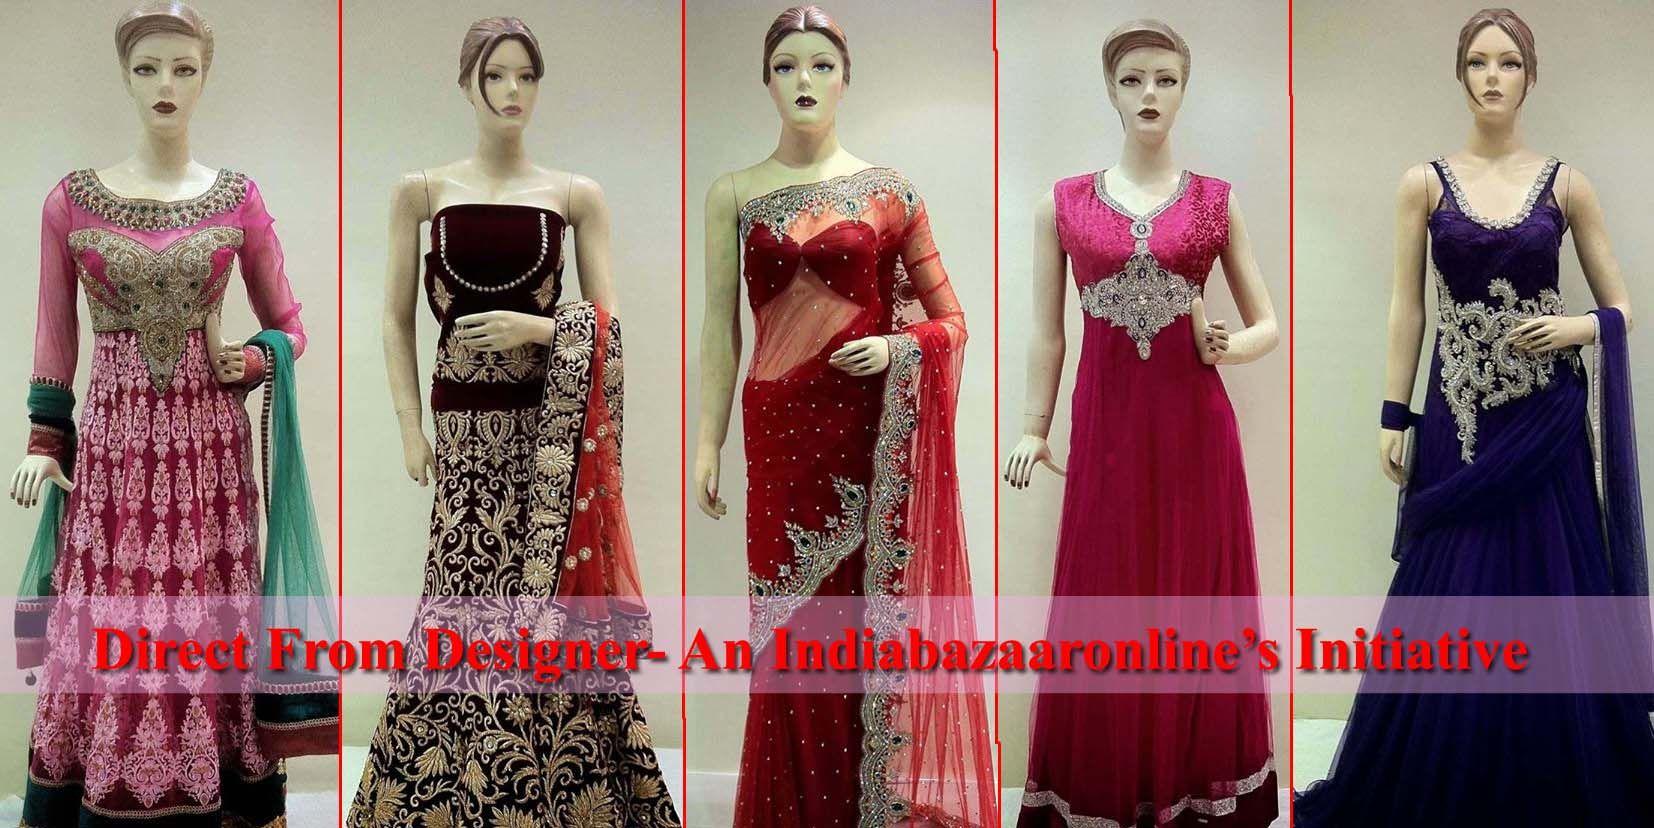 designer dresses | Indian Fashion Update | Pinterest | Designer ...